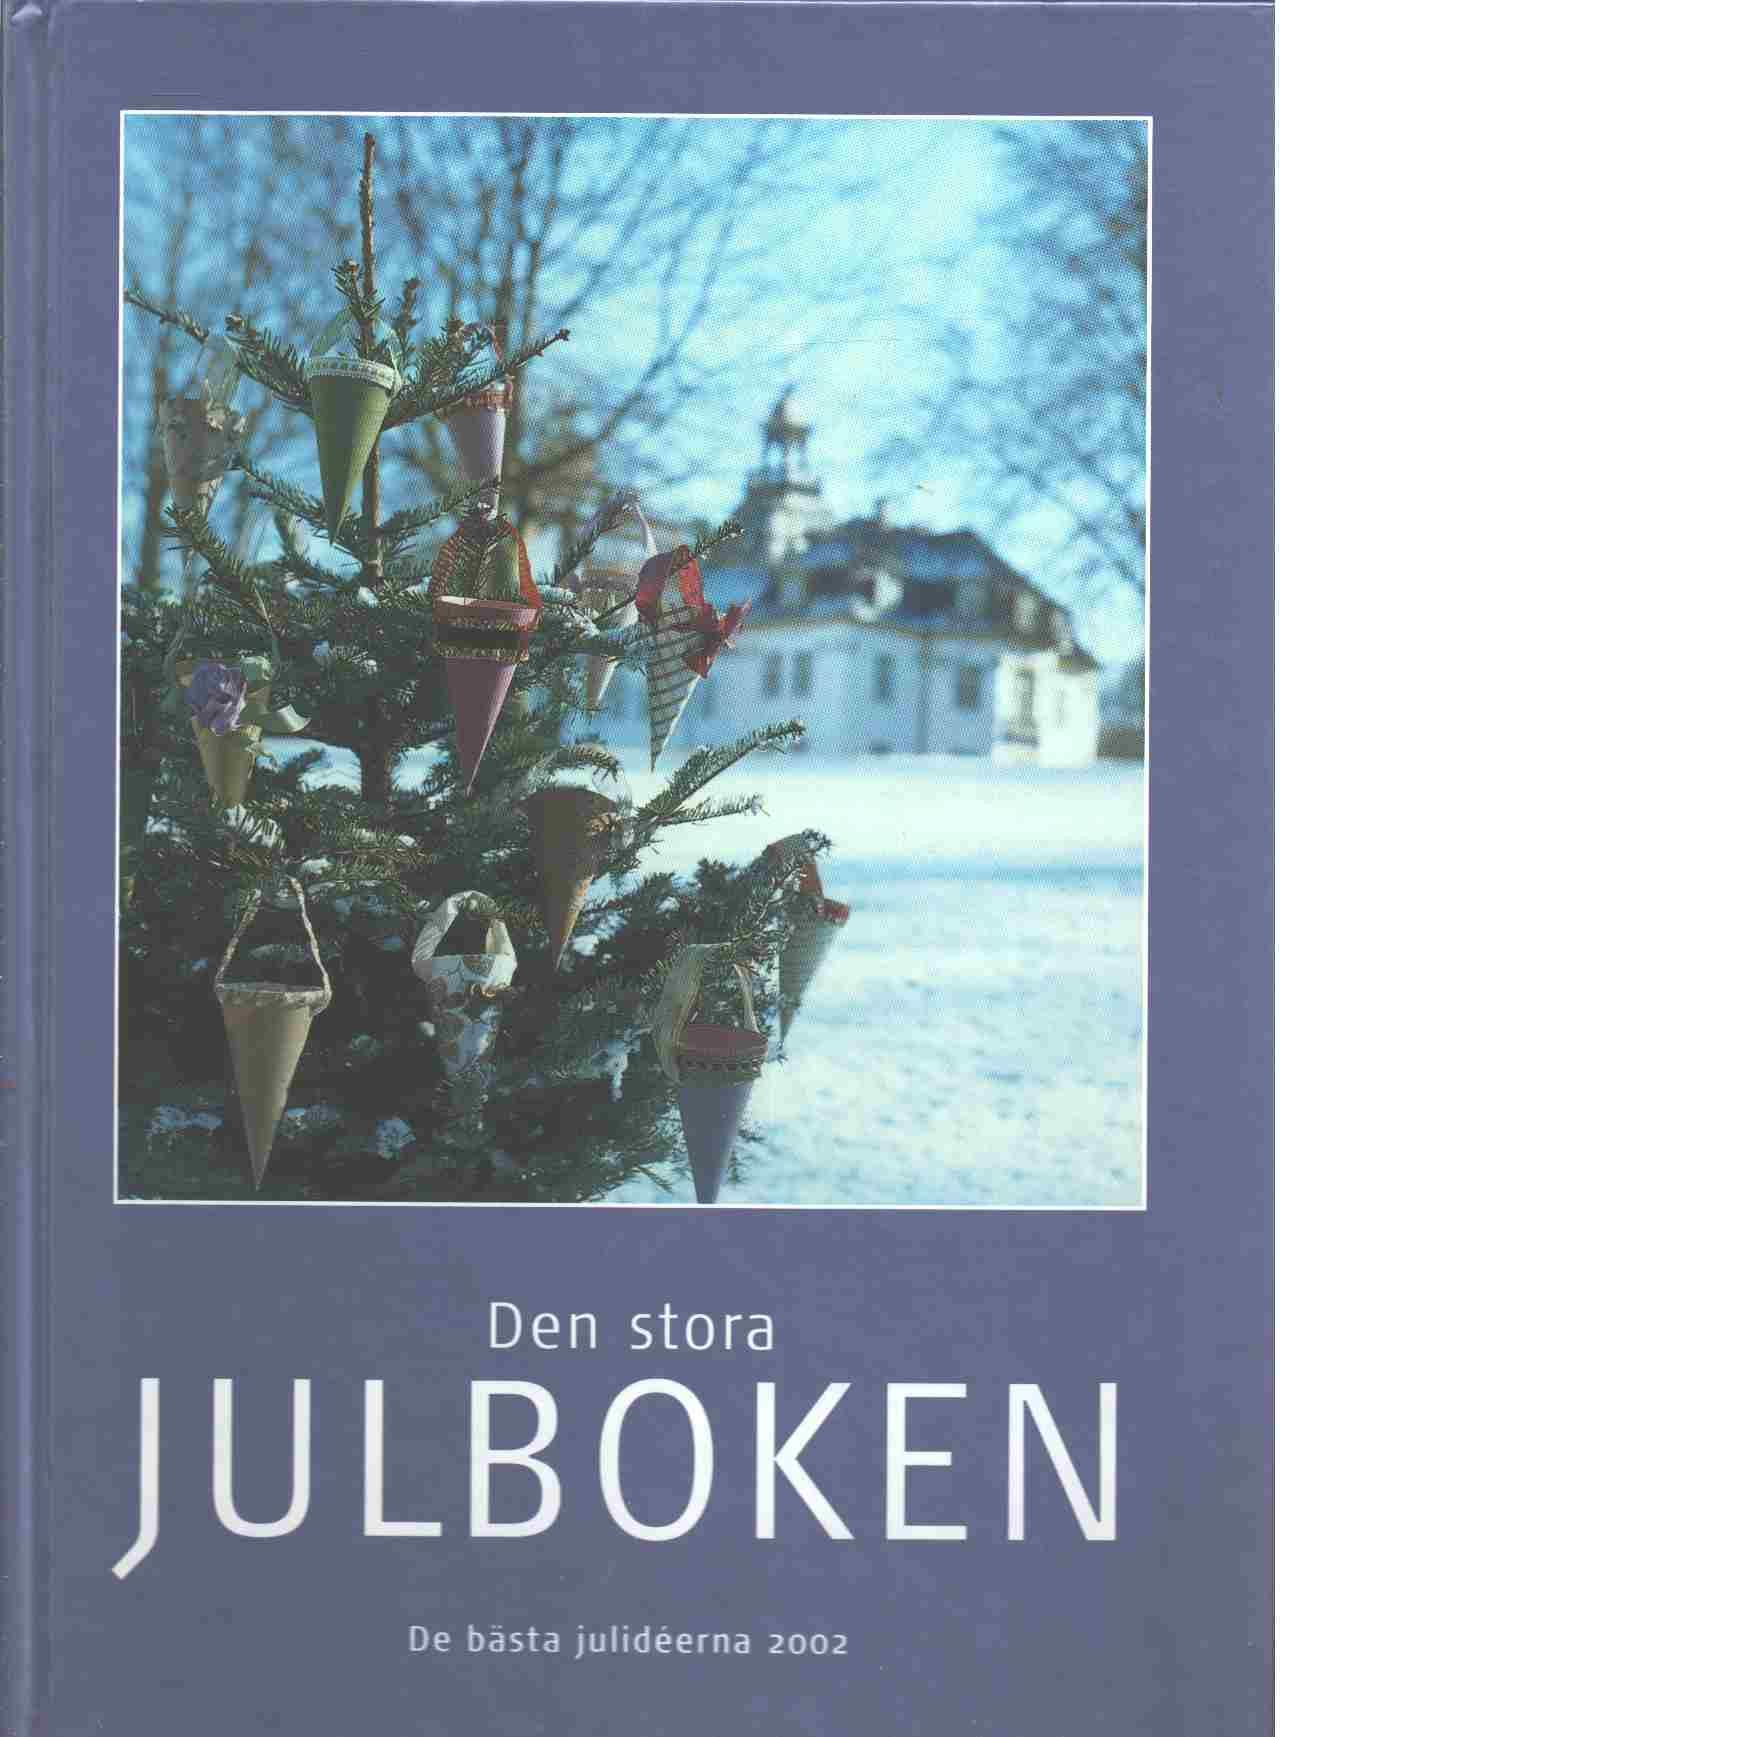 Den stora julboken - De bästa julideerna  2002 - Red.